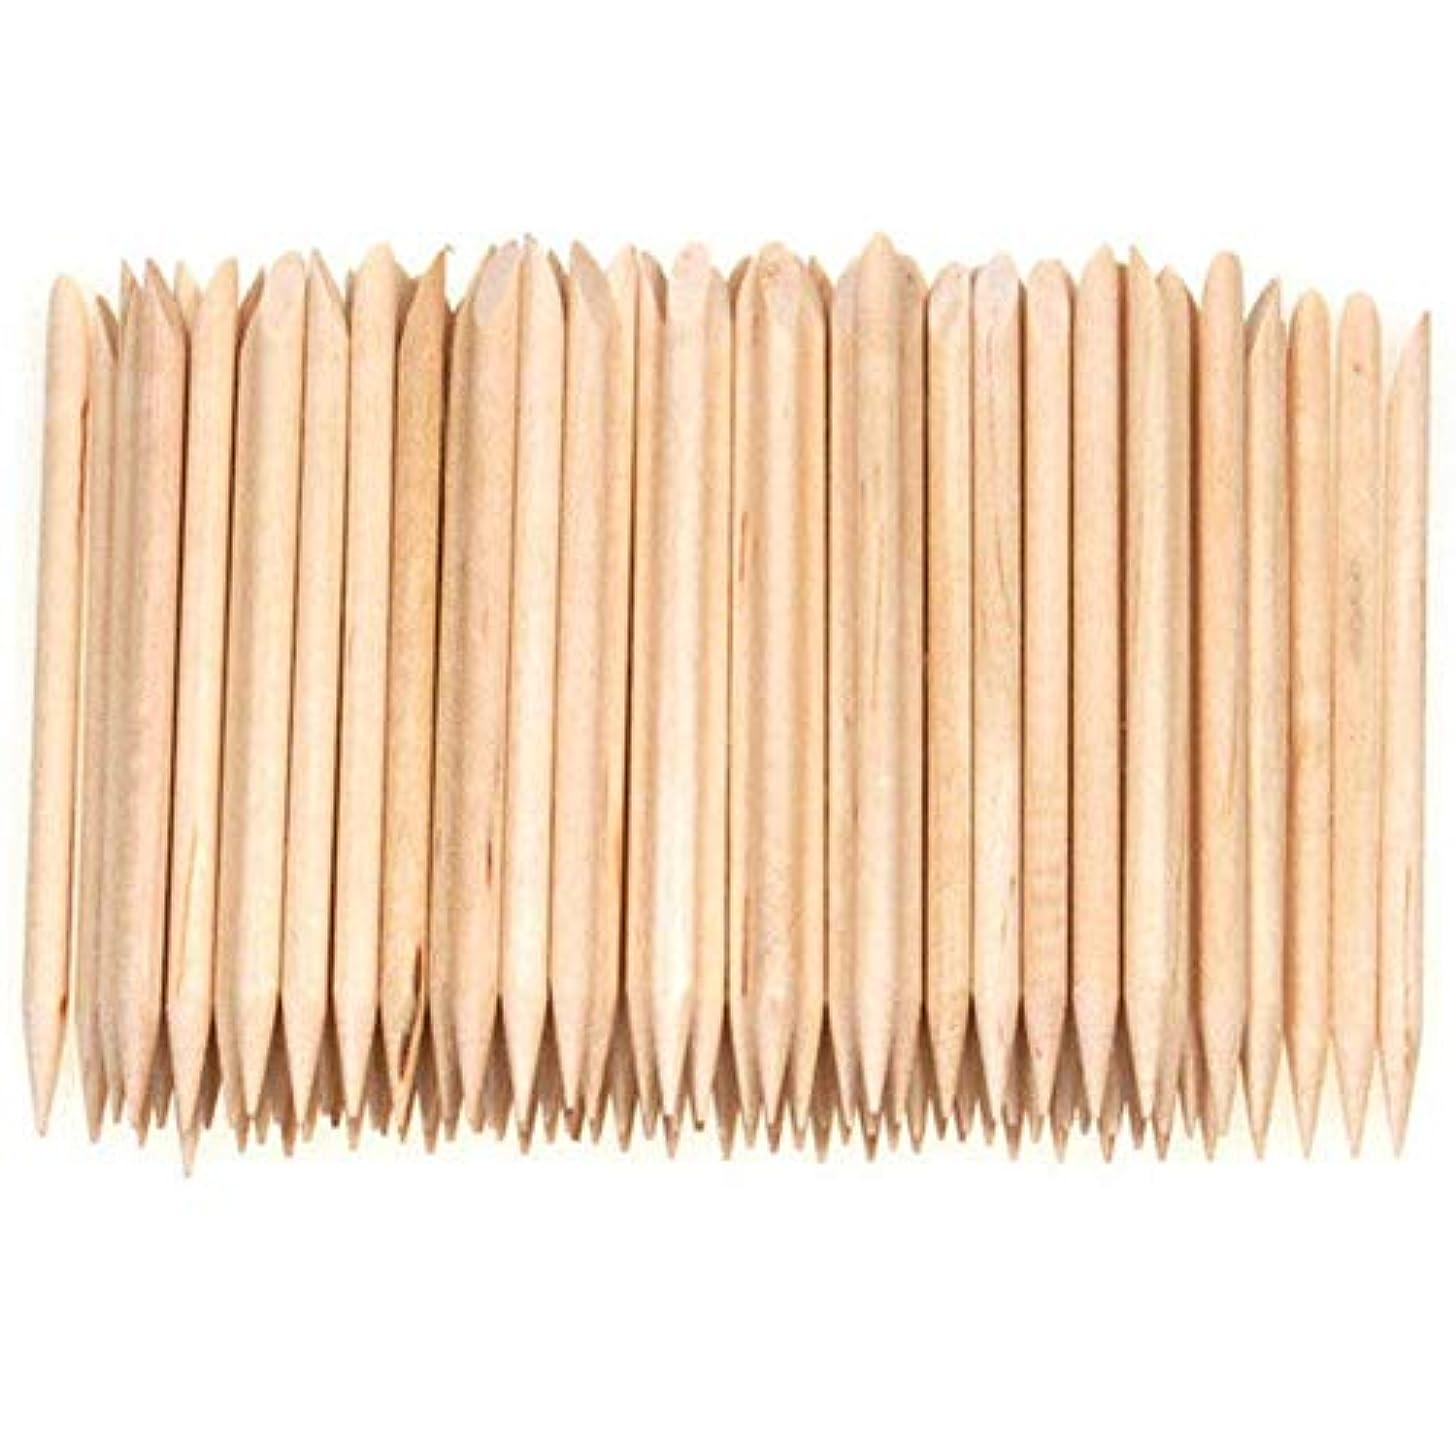 無意味カフェテリア孤独Semoic 100個ネイルアートデザイン木製の棒キューティクルプッシャーリムーバーマニキュアケア